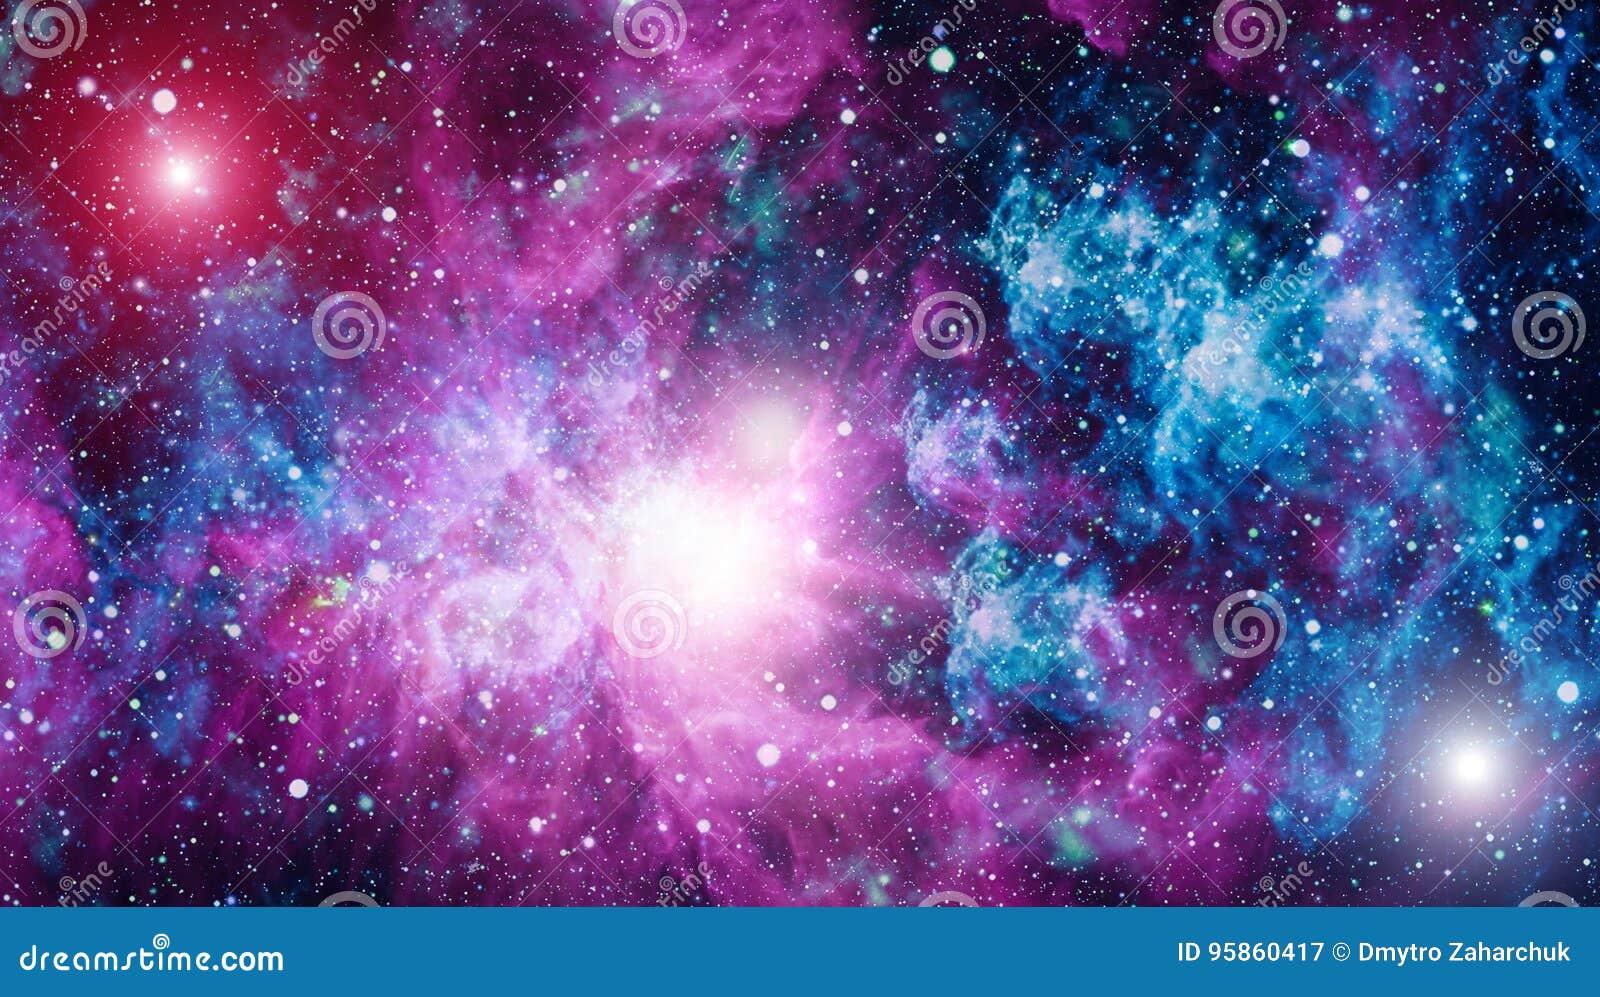 Galaxia en el espacio belleza del universo calabozo for Immagini universo gratis